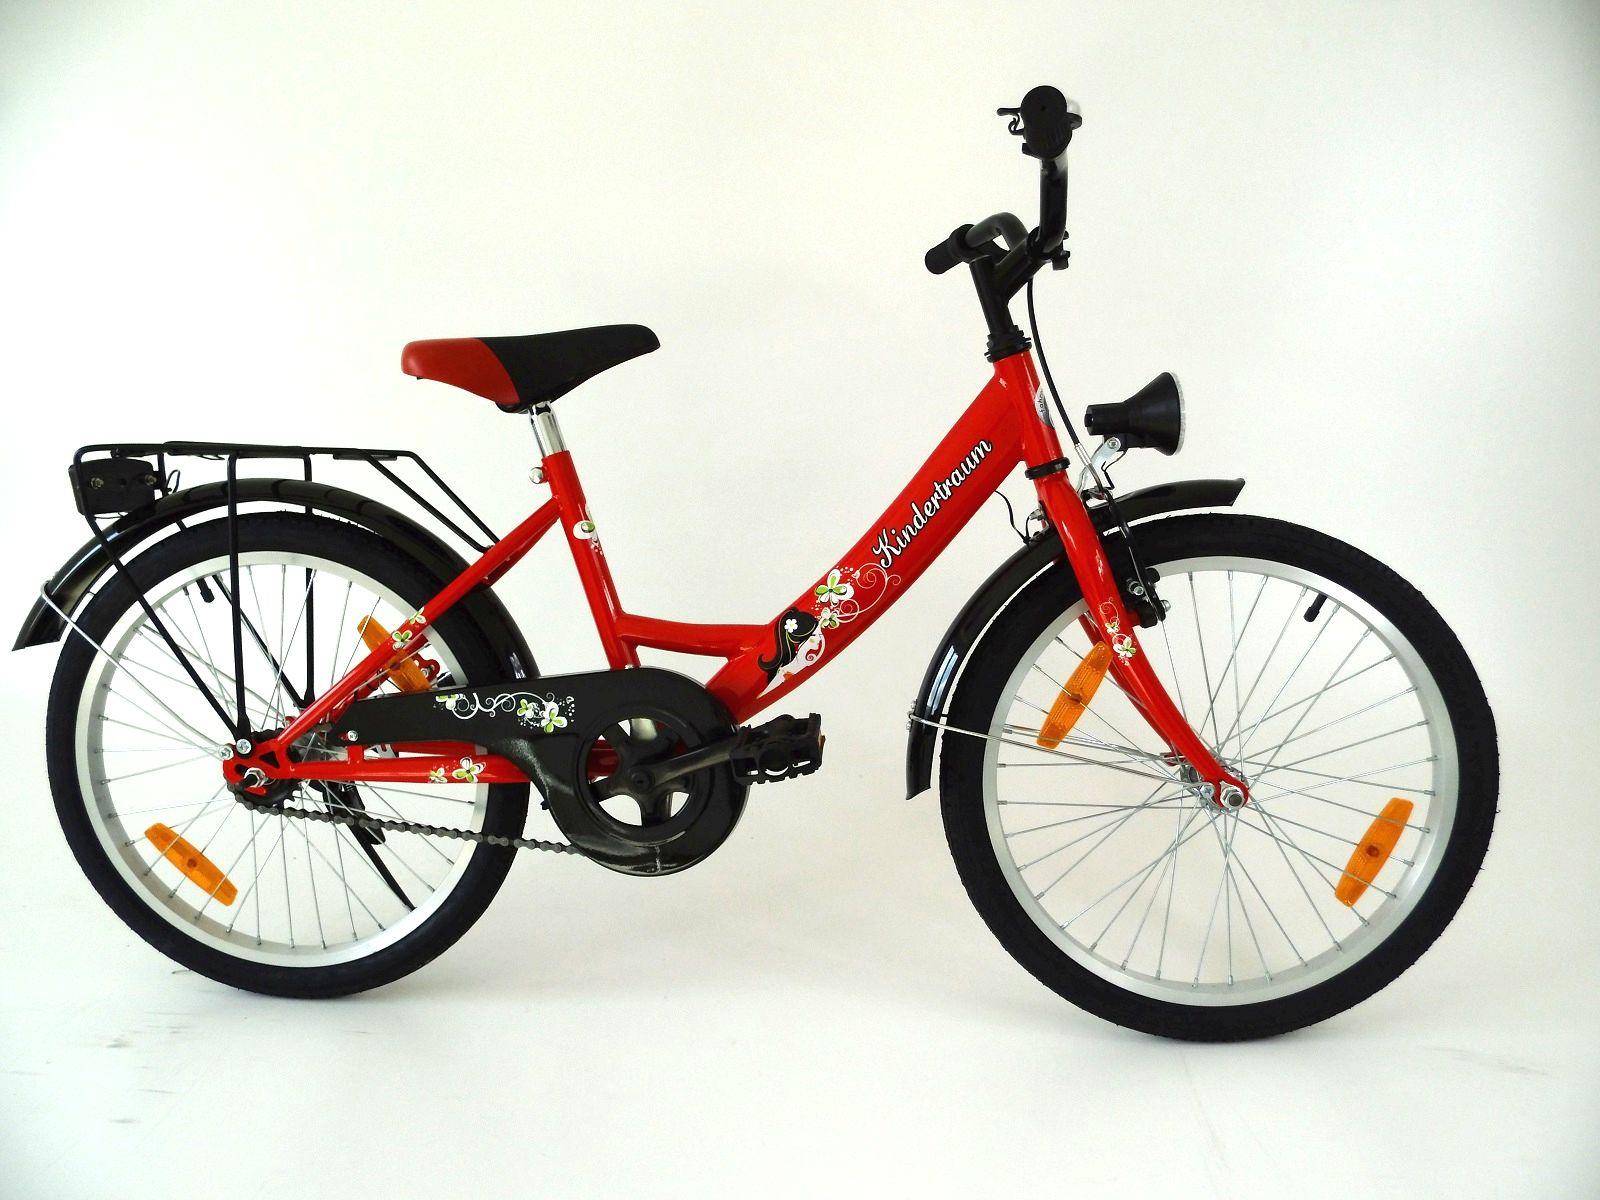 neu 20 zoll kinderfahrrad kinderrad fahrrad rad r cktrittbremse rot m dchen neu ebay. Black Bedroom Furniture Sets. Home Design Ideas